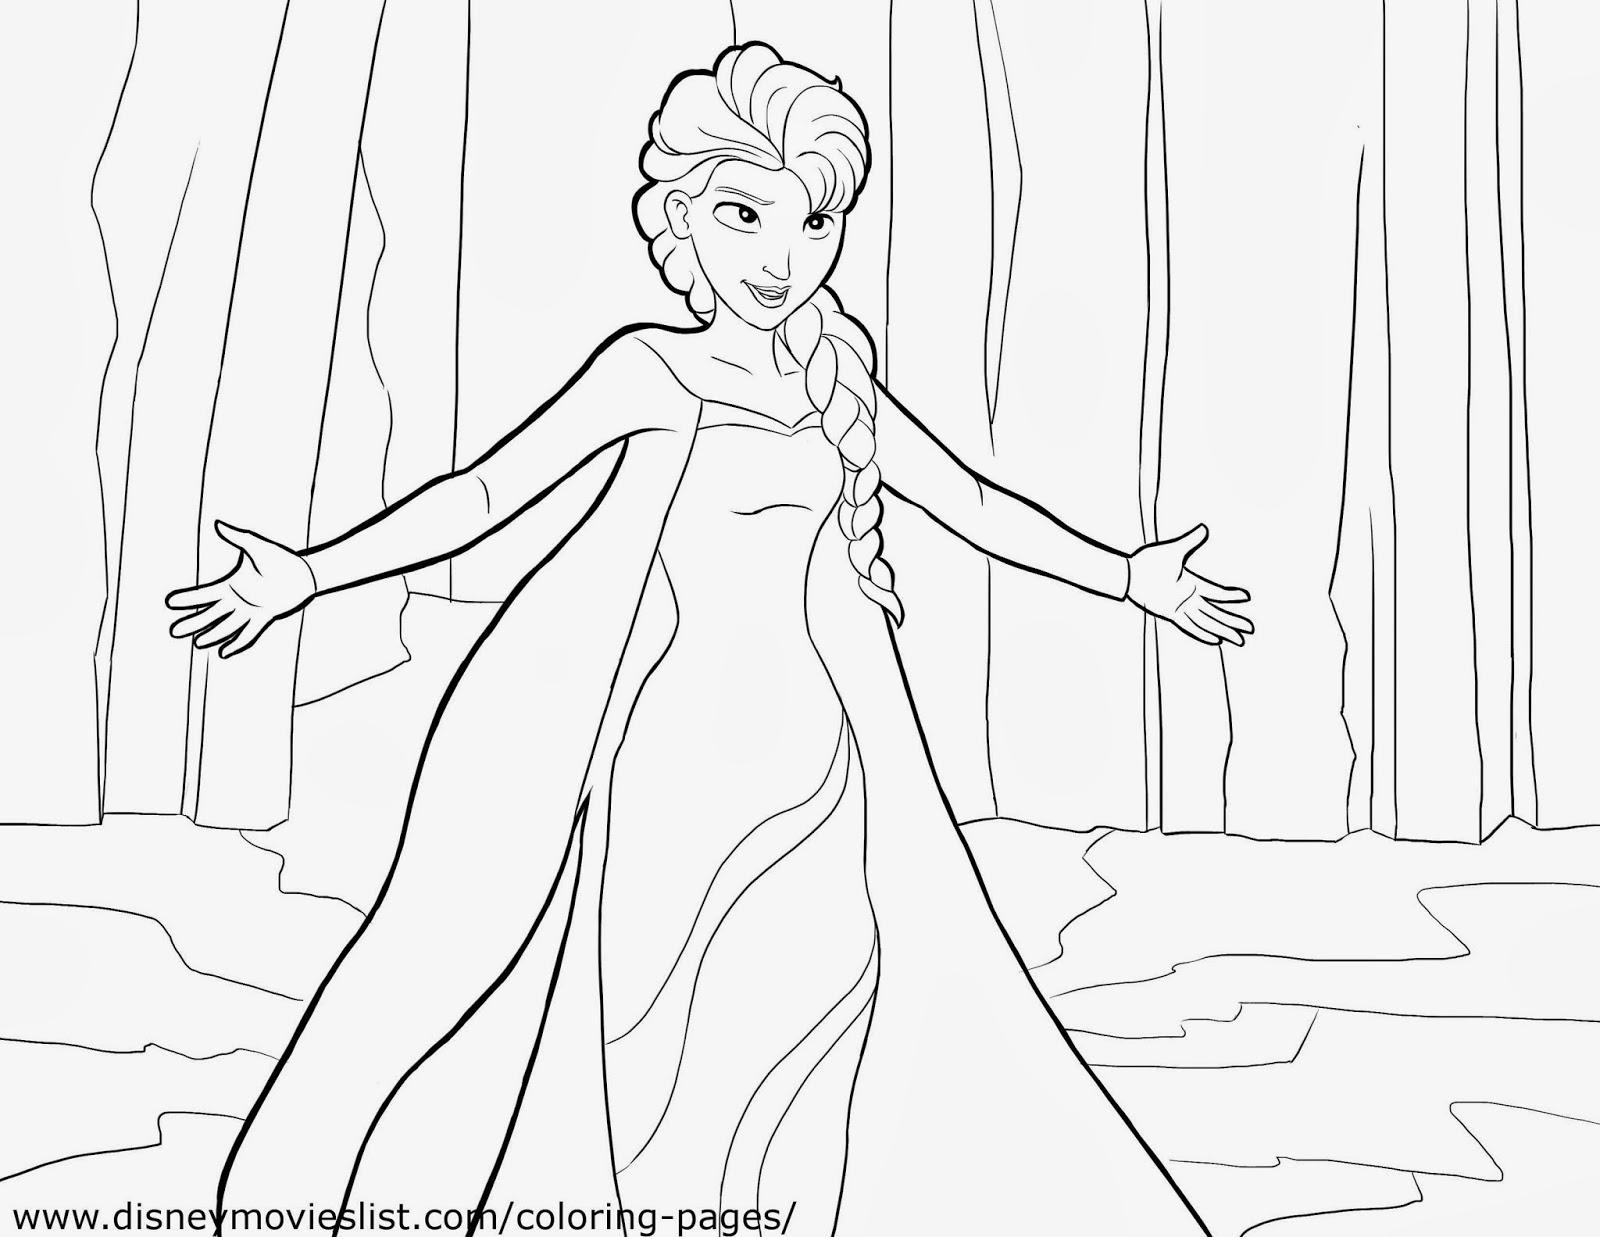 Frozen Imgenes de Elsa para colorear para Imprimir Gratis